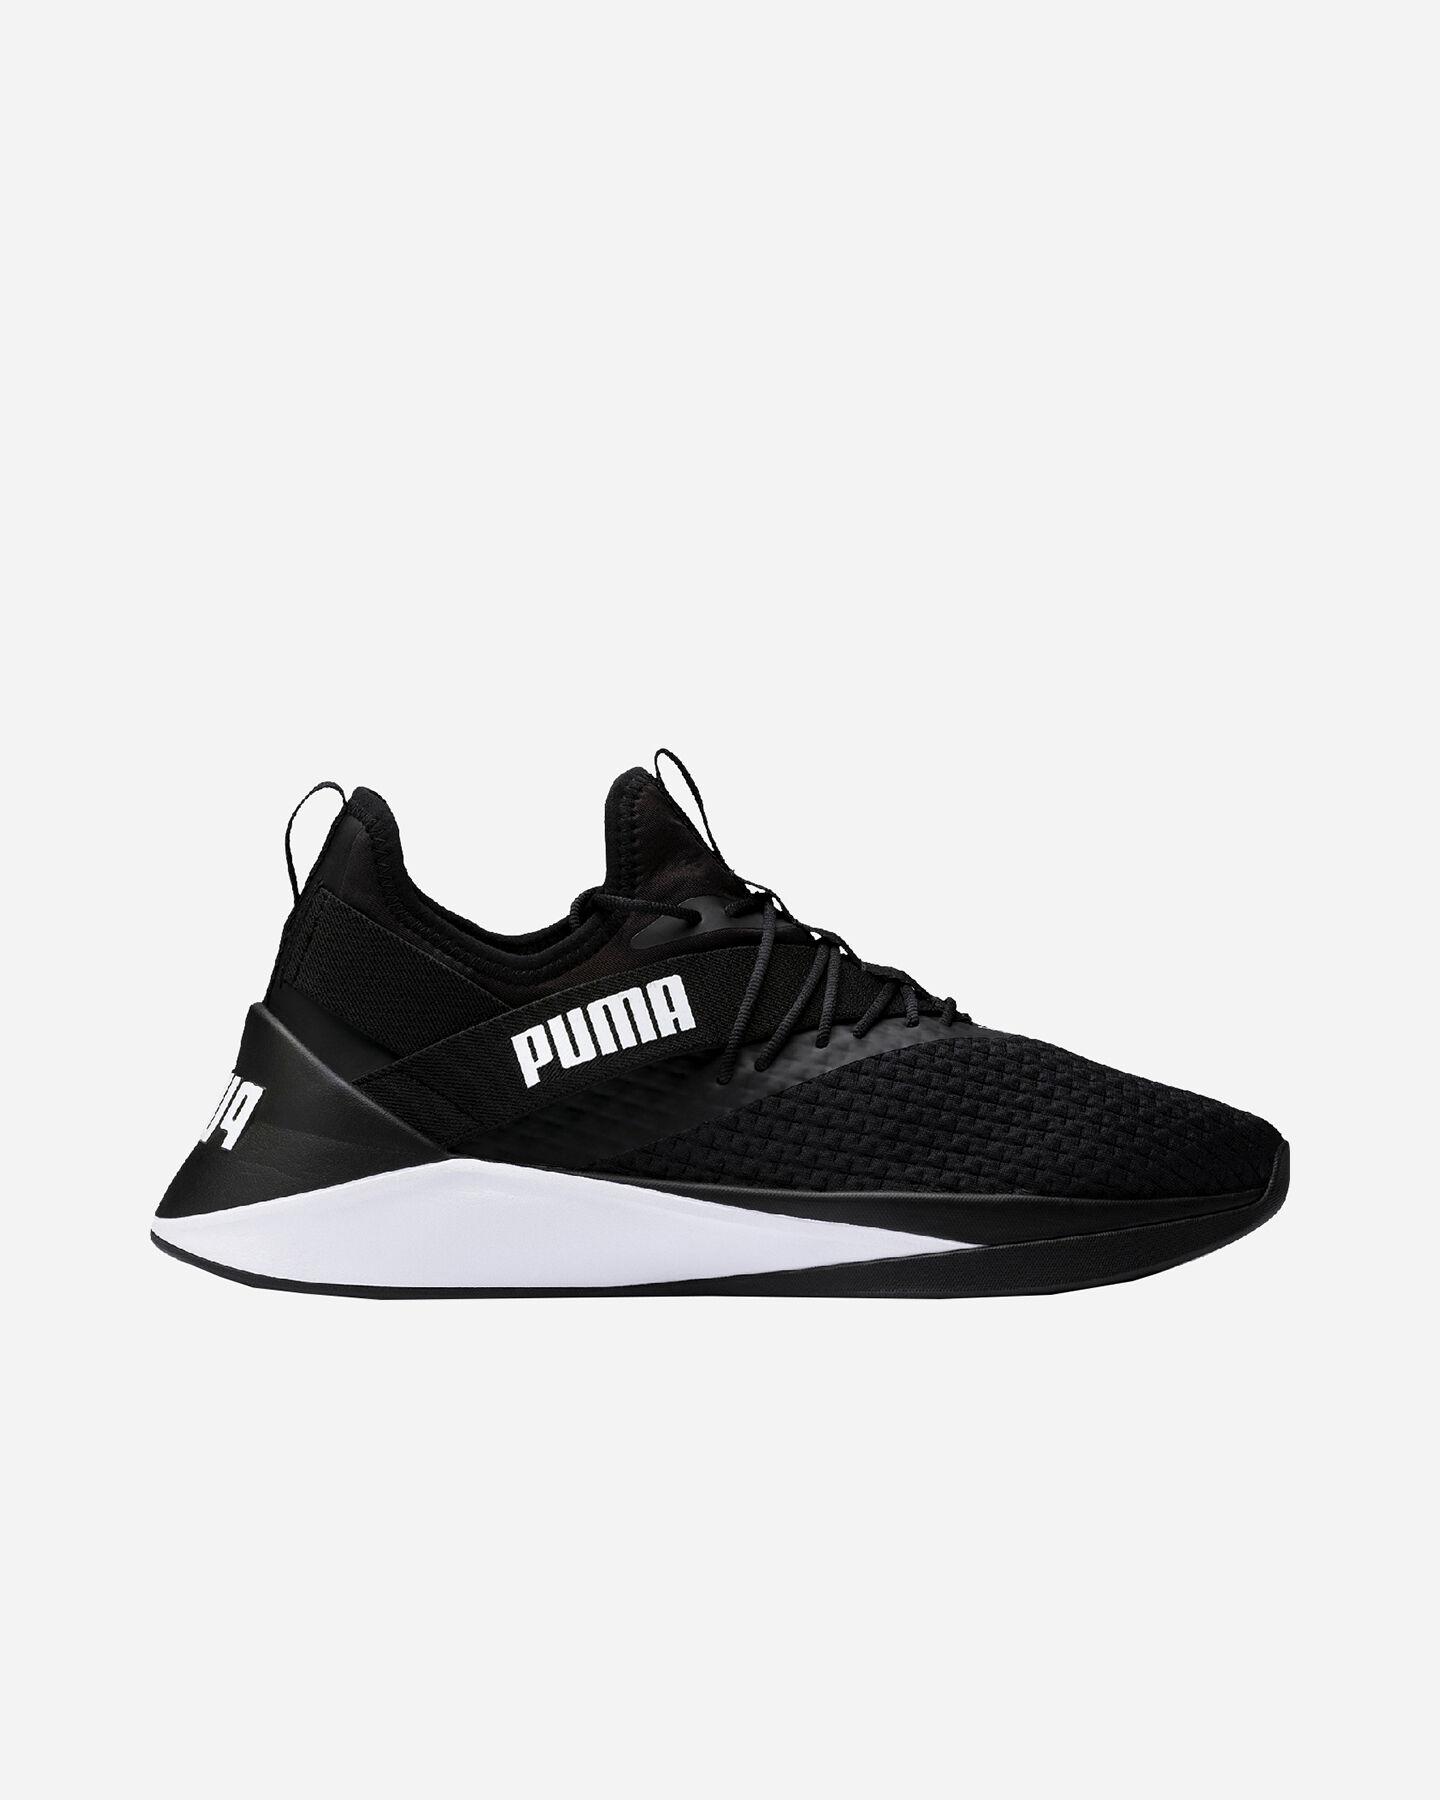 scarpe ginnastica puma nere